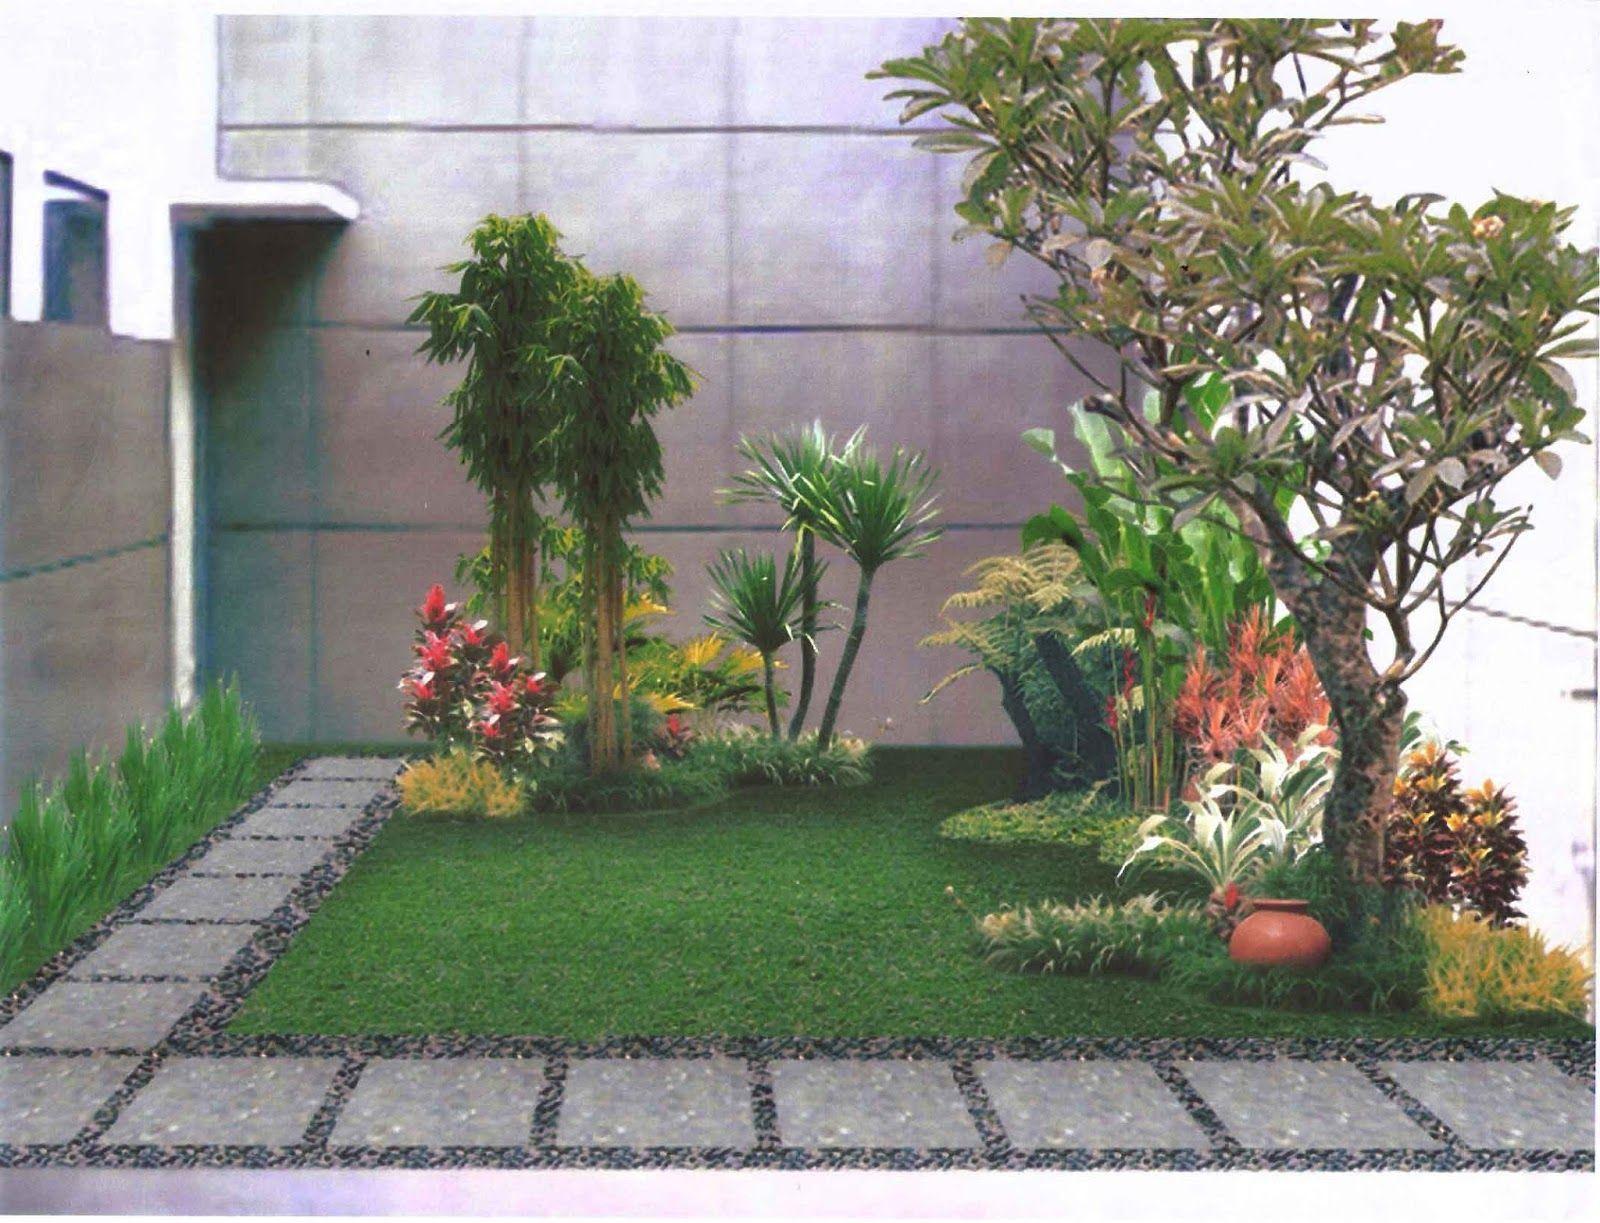 Menata Taman Desain Taman Minimalis Di Lahan Sempit Depan Rumah Content